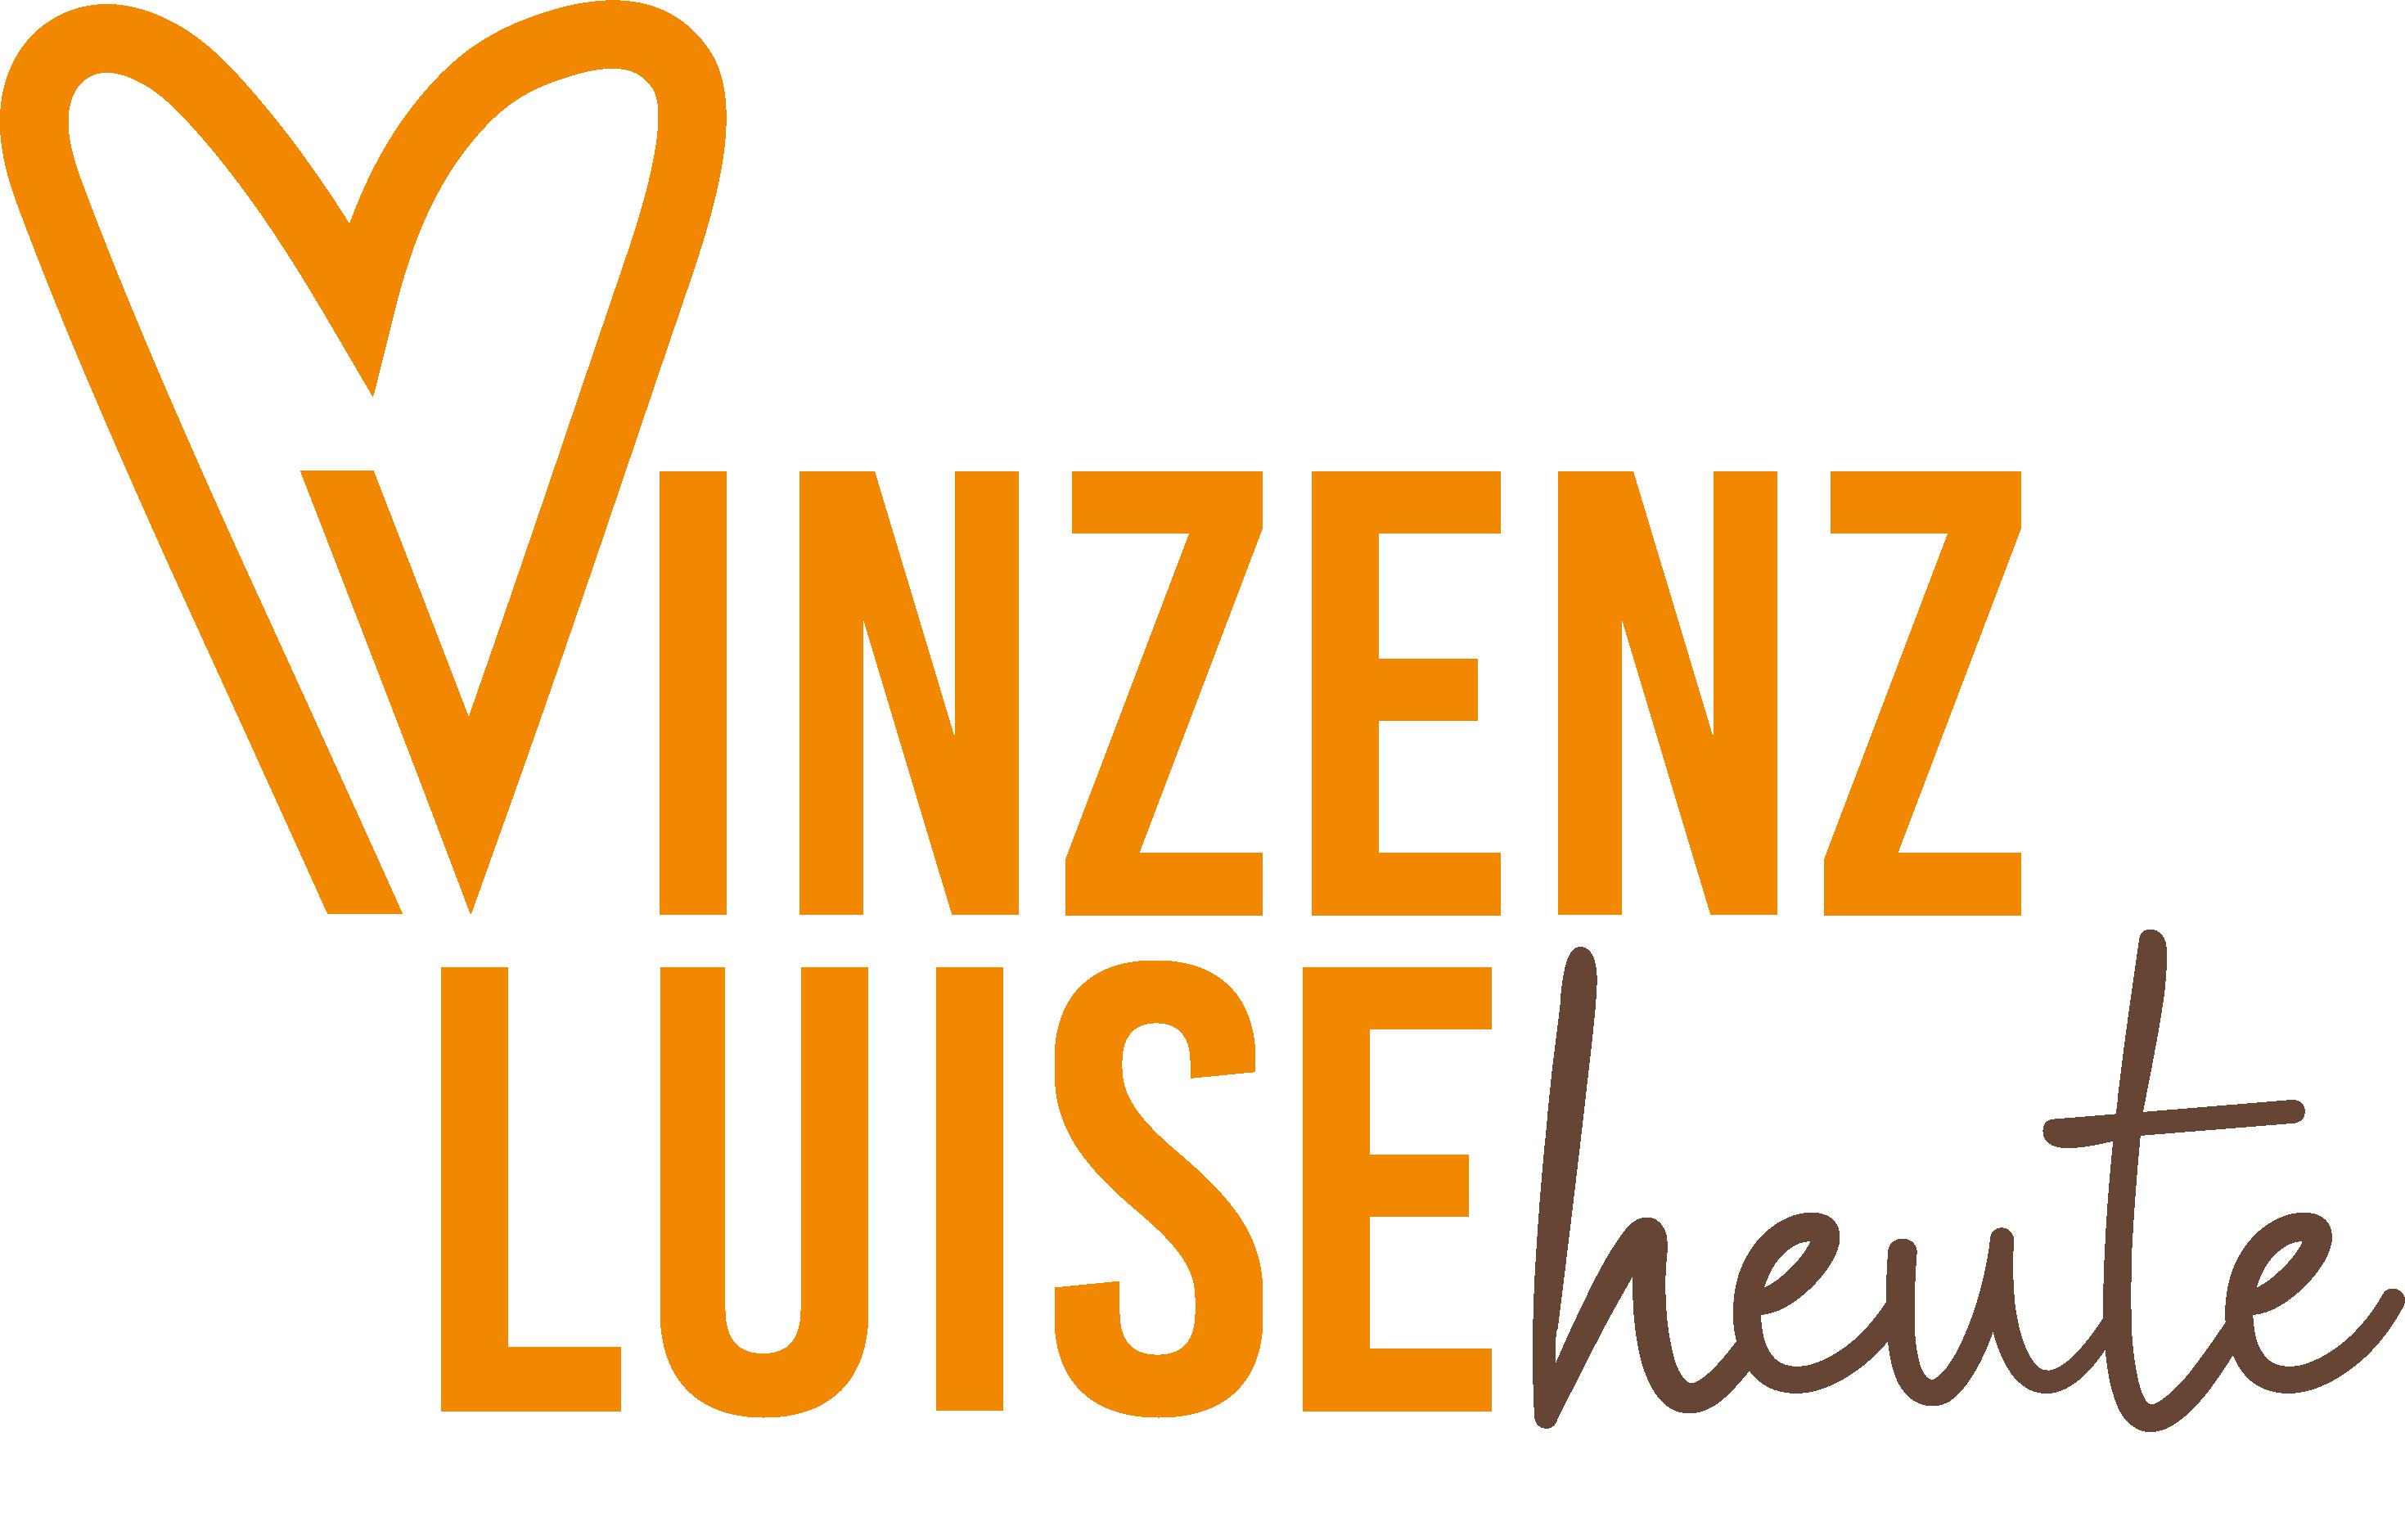 Logo Vinzenz Luise heute - Barmherzige Schwestern v. hl. Vinzenz von Paul gHOLDING GmbH